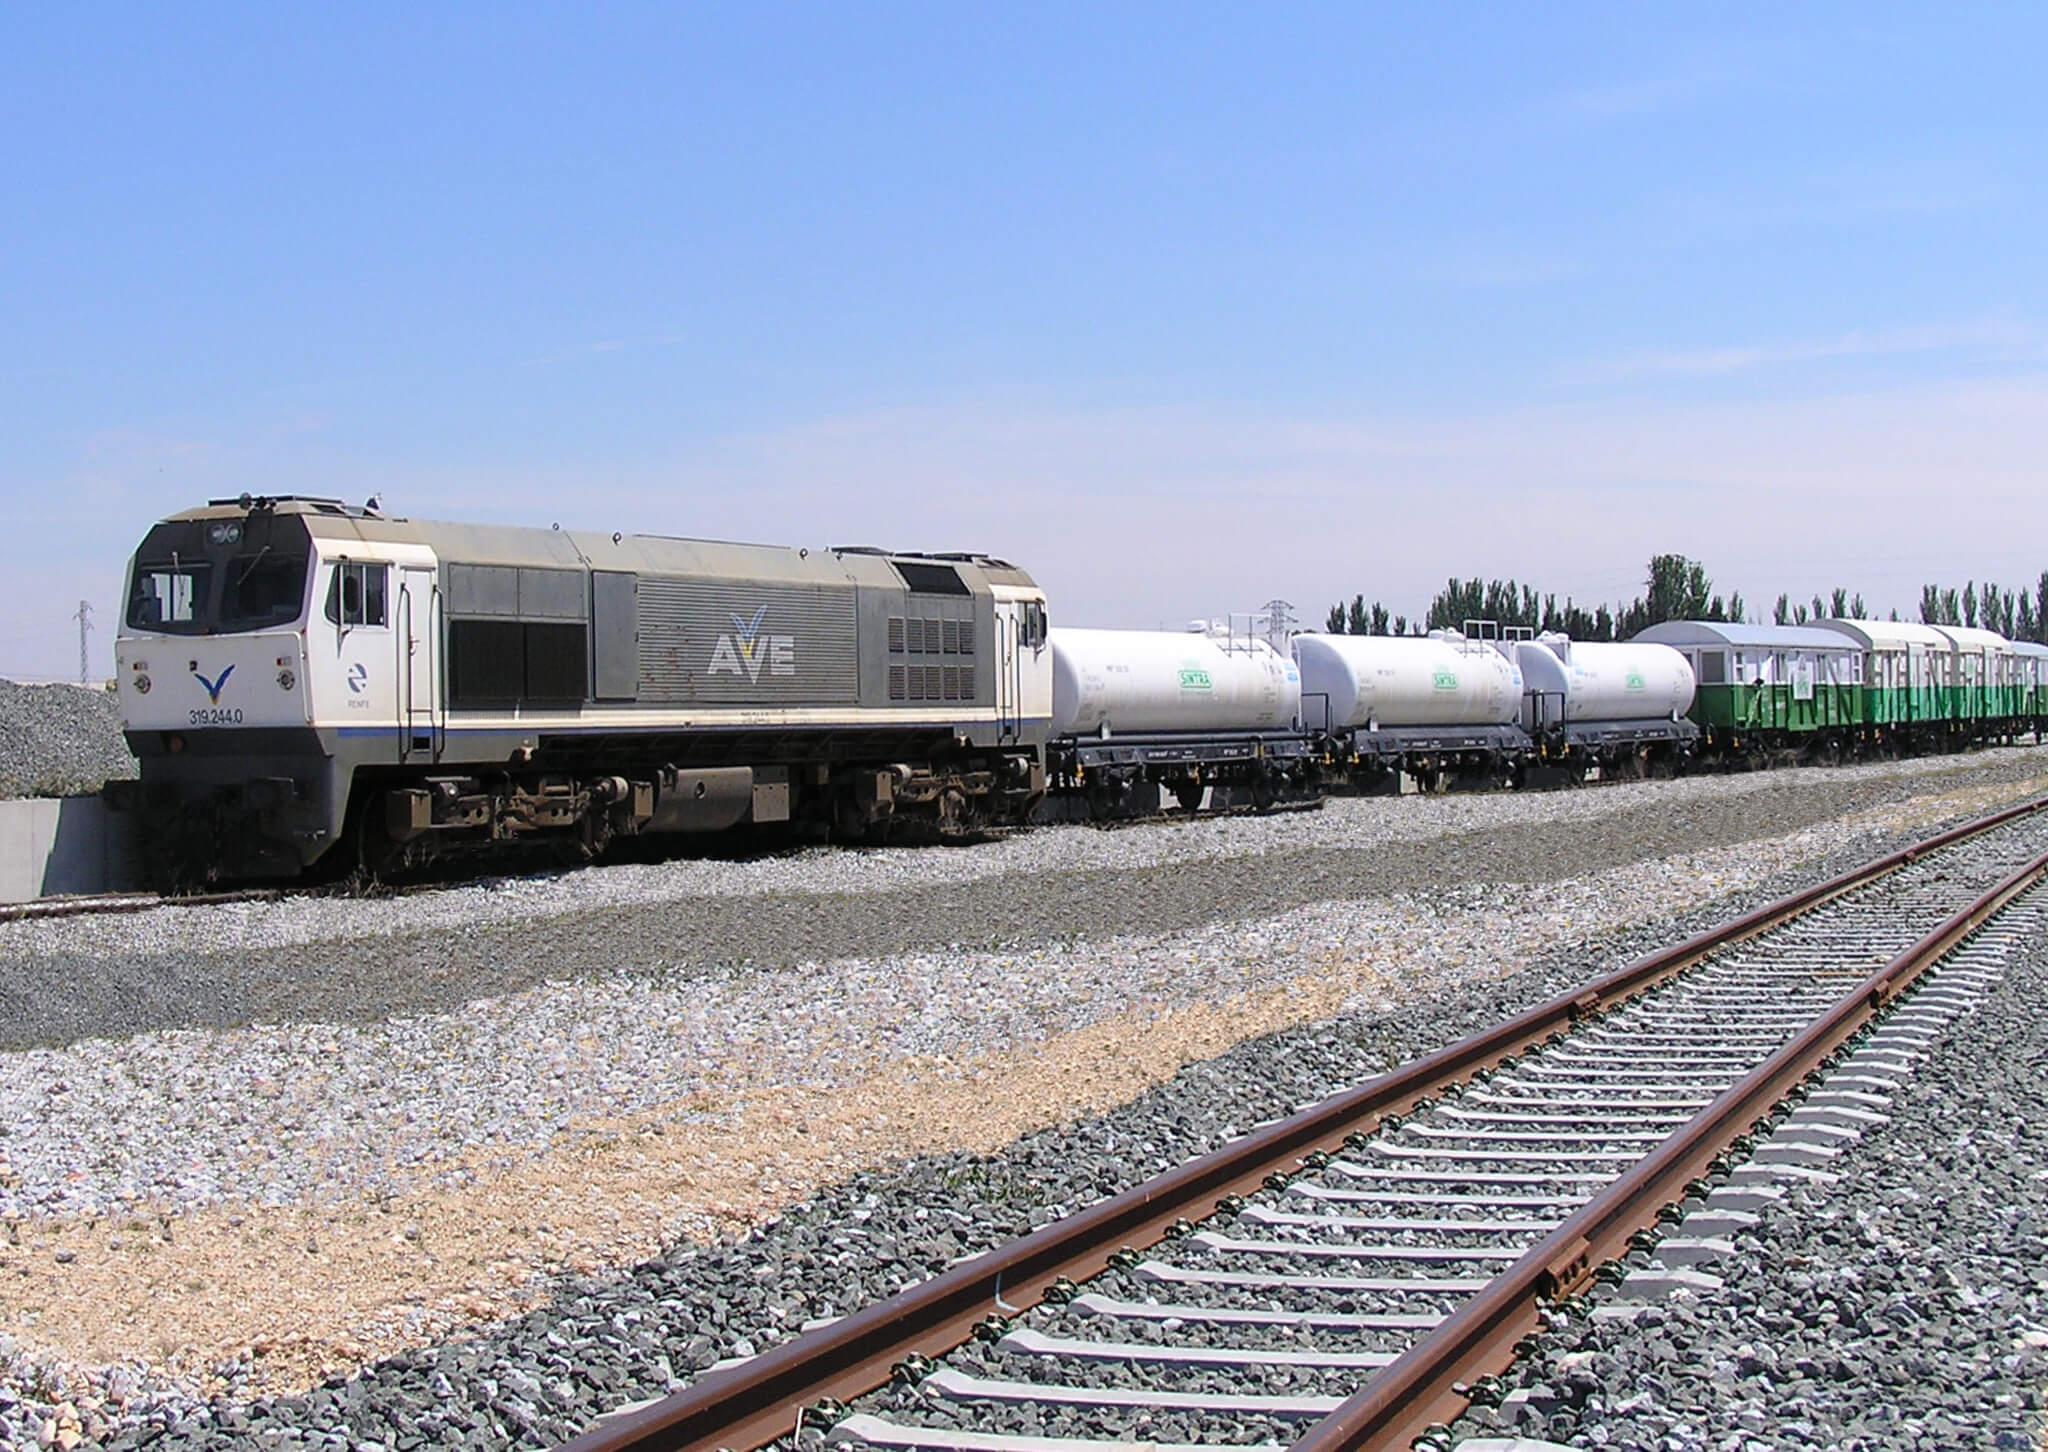 66.-Compòsicion-tren-sin-vegetacion